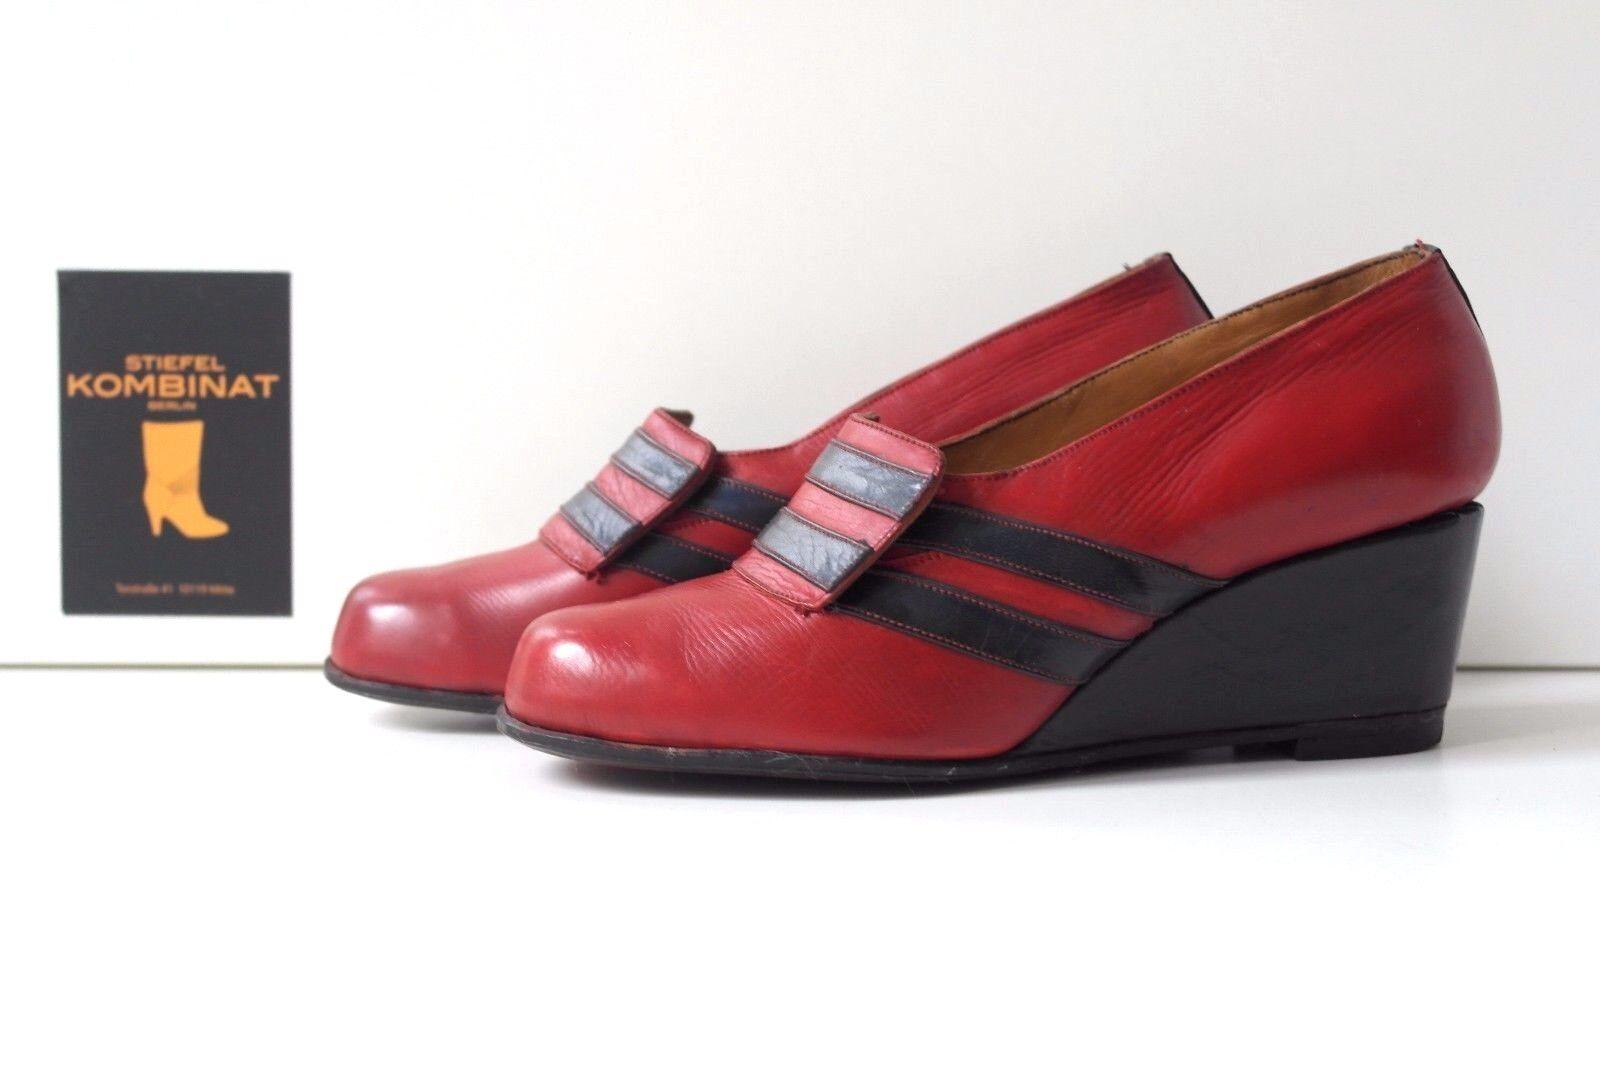 risparmia il 50% -75% di sconto Antico DA DONNA PUMPS ZEPPA Zeppa Scarpe True Vintage Vintage Vintage Scarpe basse rosso blu  comodamente